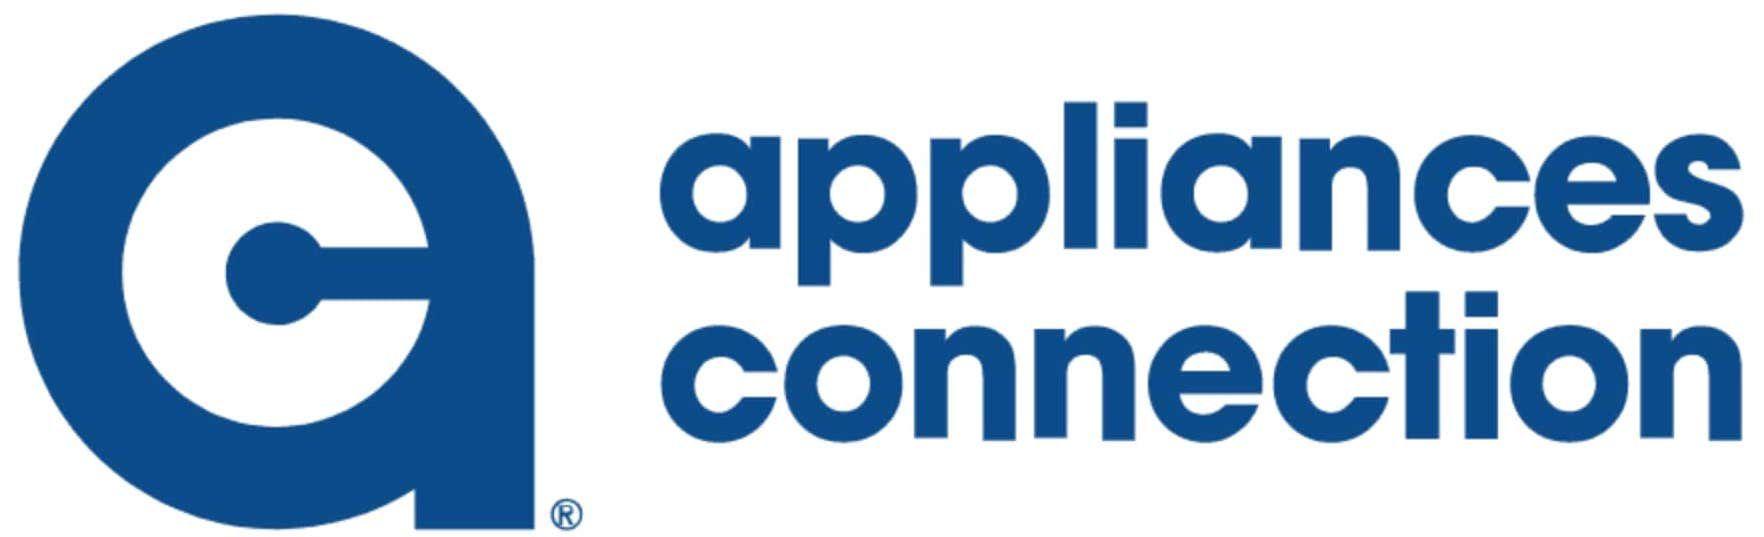 appliances-connection-logo-crop